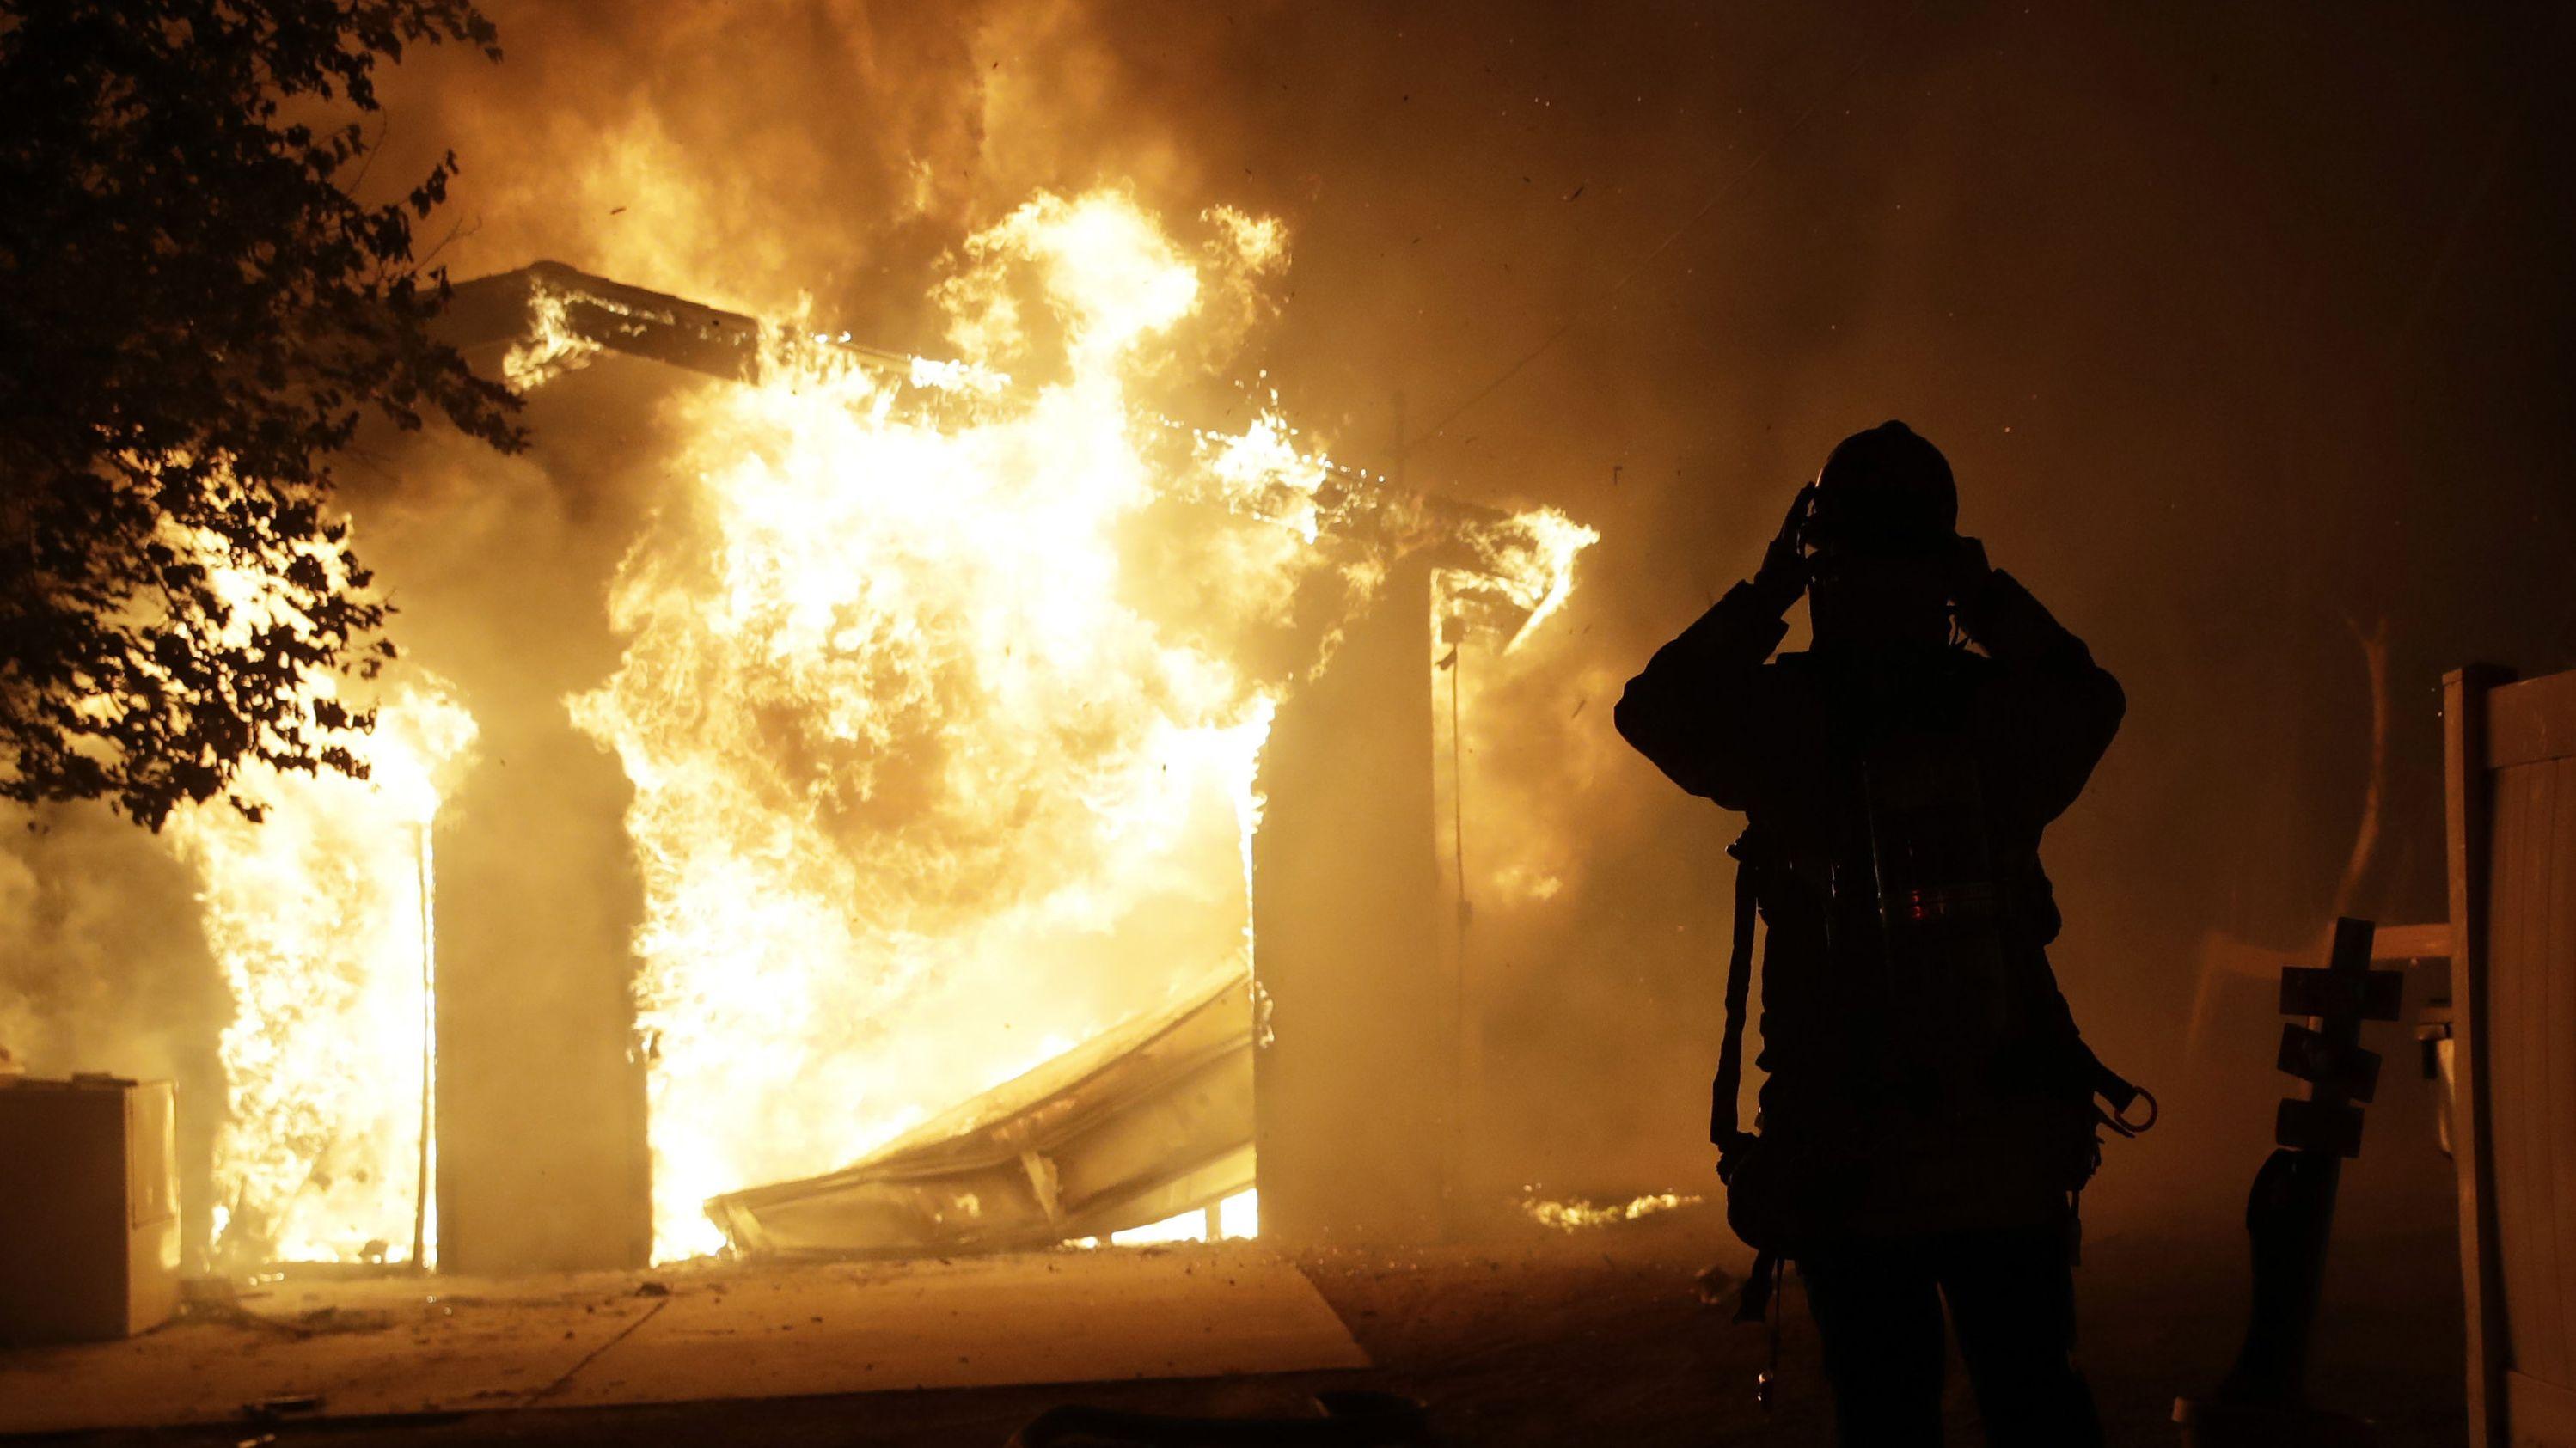 Feuerwehrmann beim Einsatz bei Waldbrand in Kalifornien